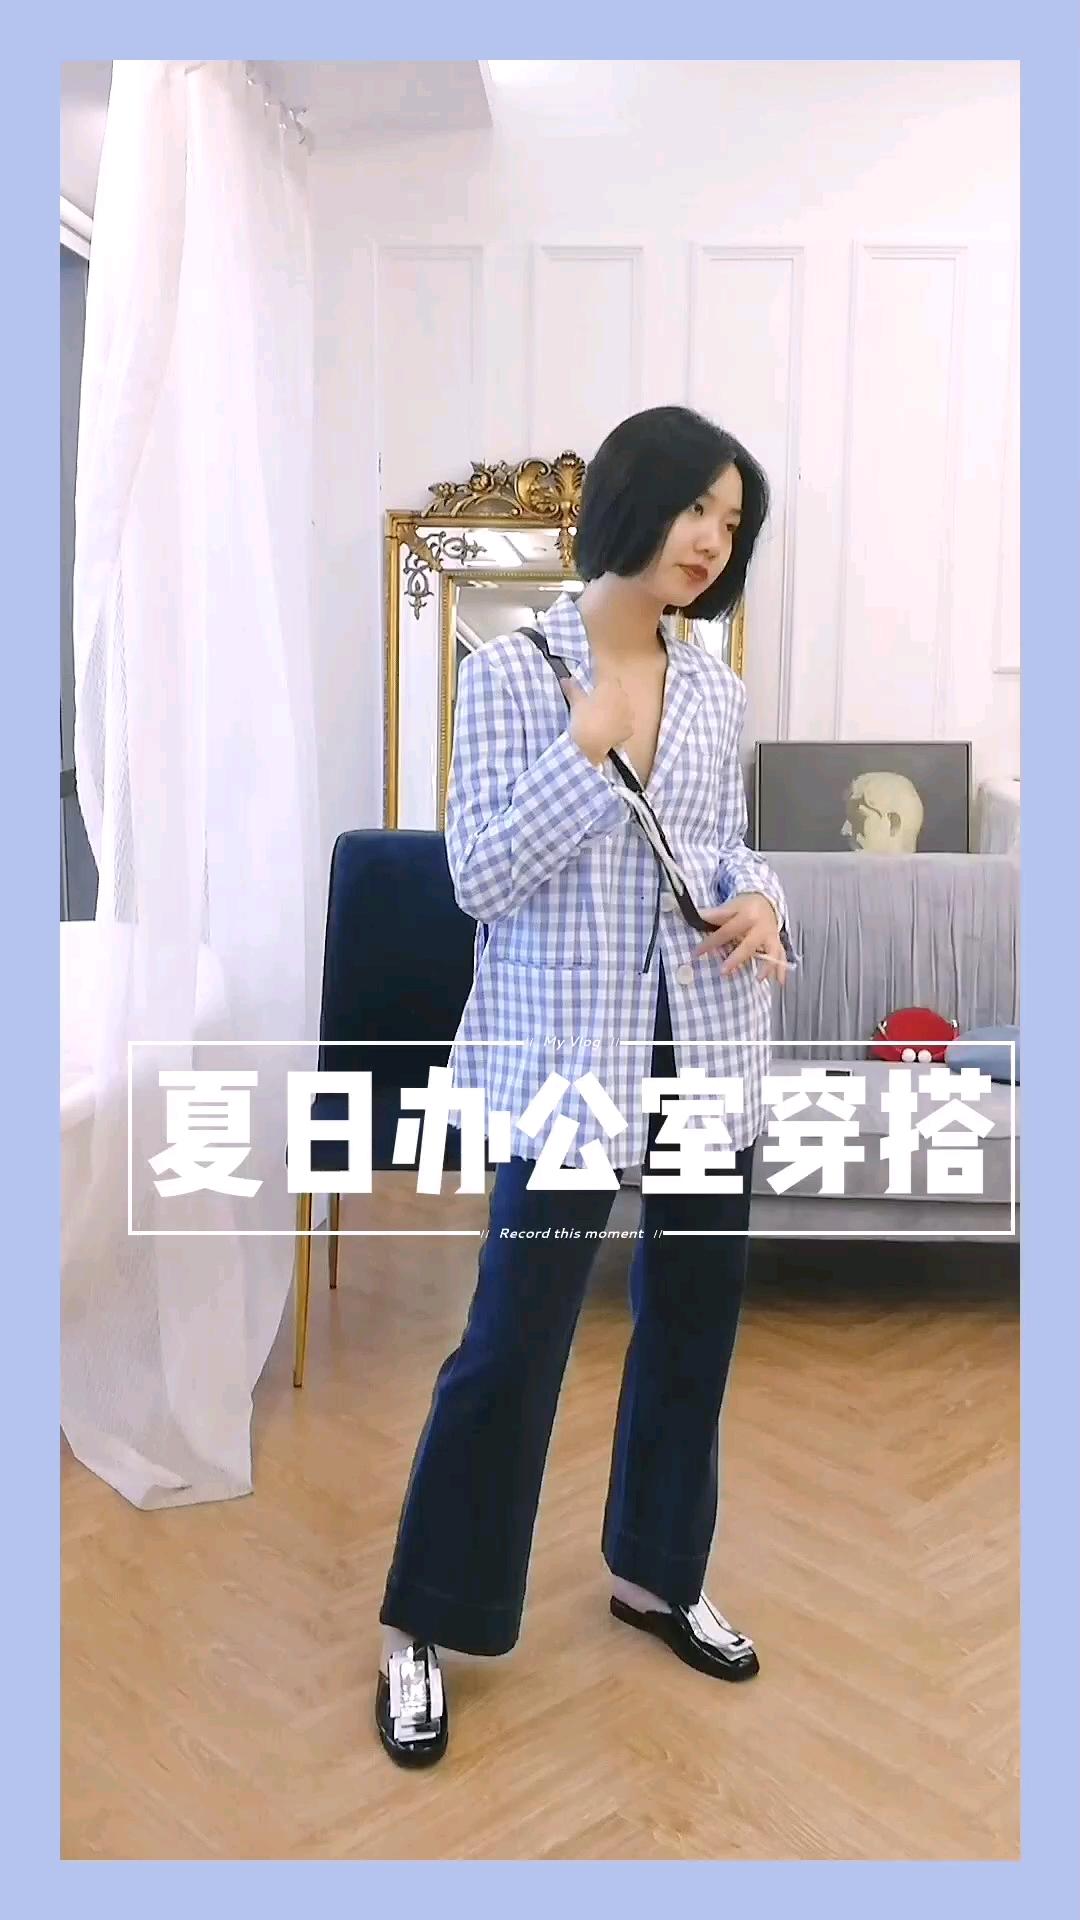 #蘑菇街新品测评#  我超爱这件西装der!!!💙💙💙 清新格纹真的太好看了!穿上贼显白滴!而且虽然是长袖哈,一点都不会热!🆒   下身的牛仔裤也是我超爱der!超级显瘦显高💕💕💕这两件,怎么穿都不会错!怎么穿都是气质女孩了!办公室最靓的仔有没有!🍻必须拥有!